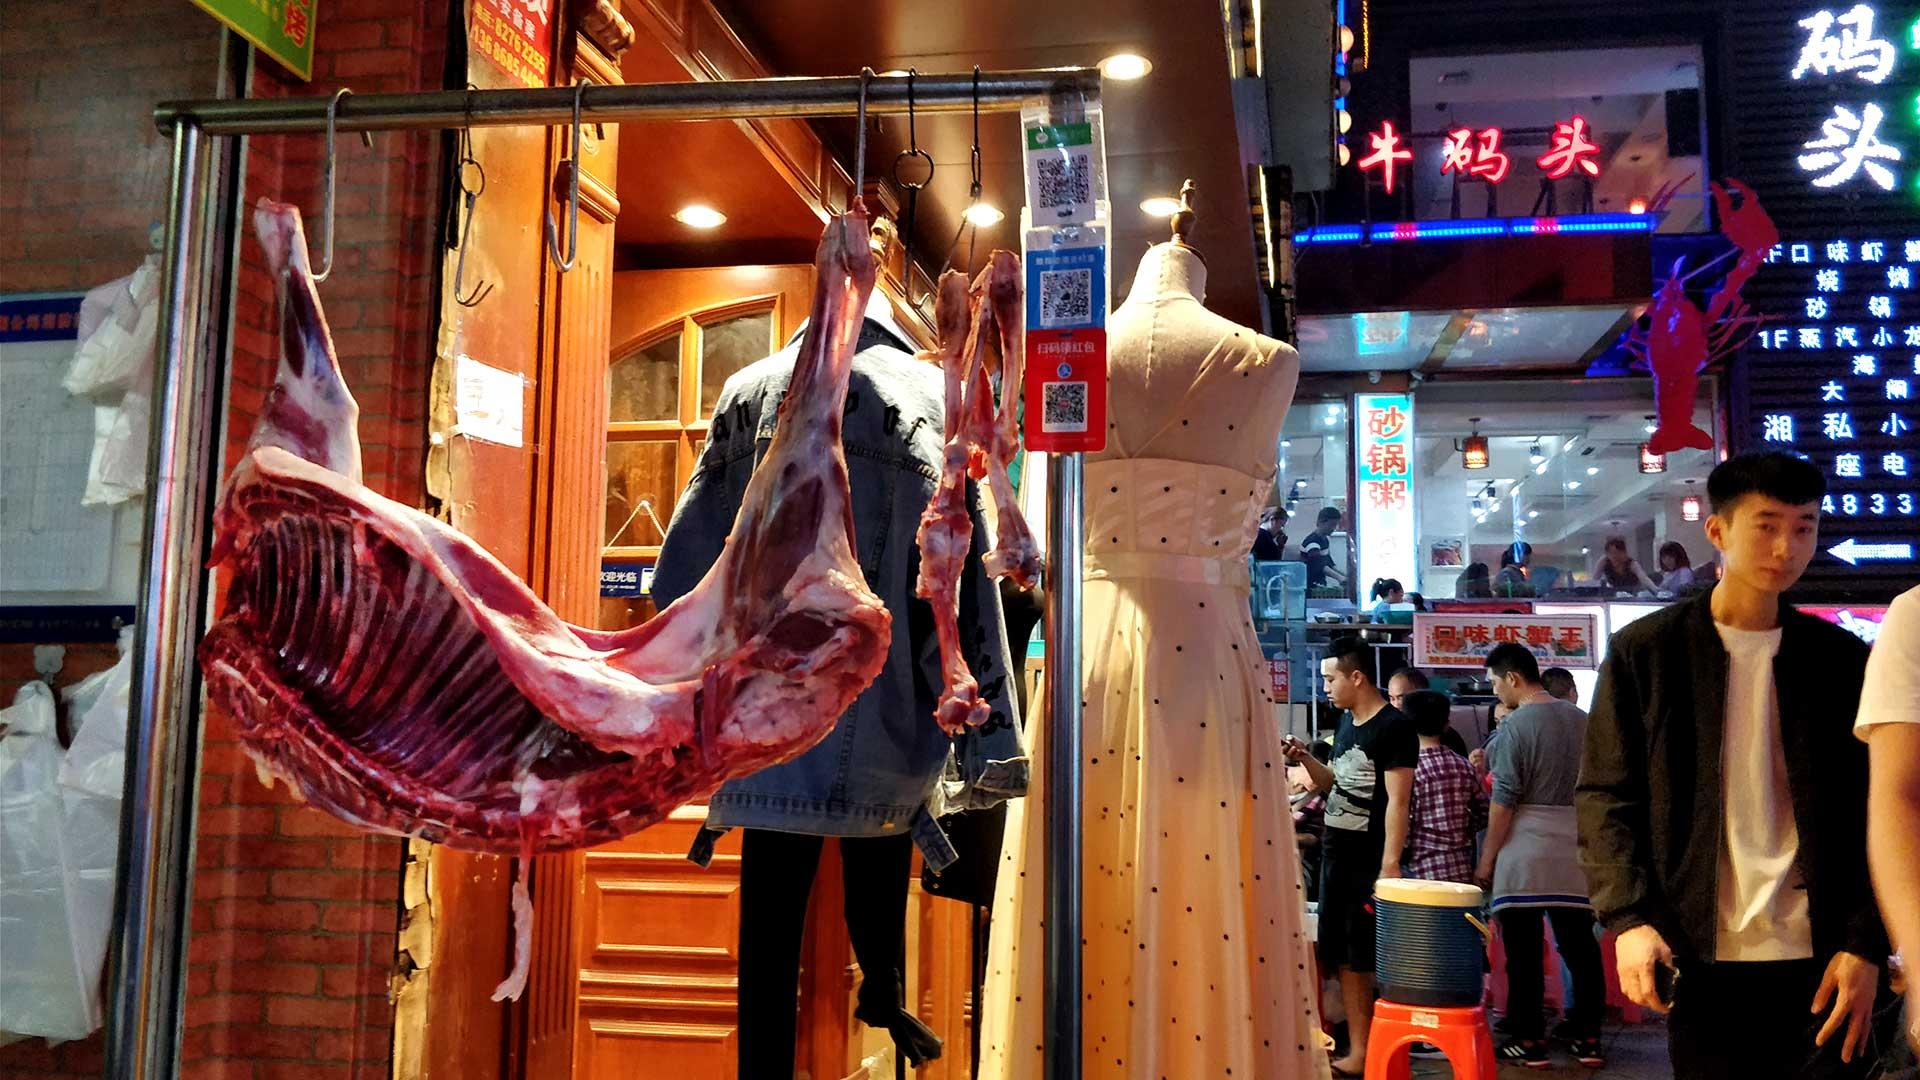 Nein, der Fleischer und die Boutique gehören nicht zusammen.